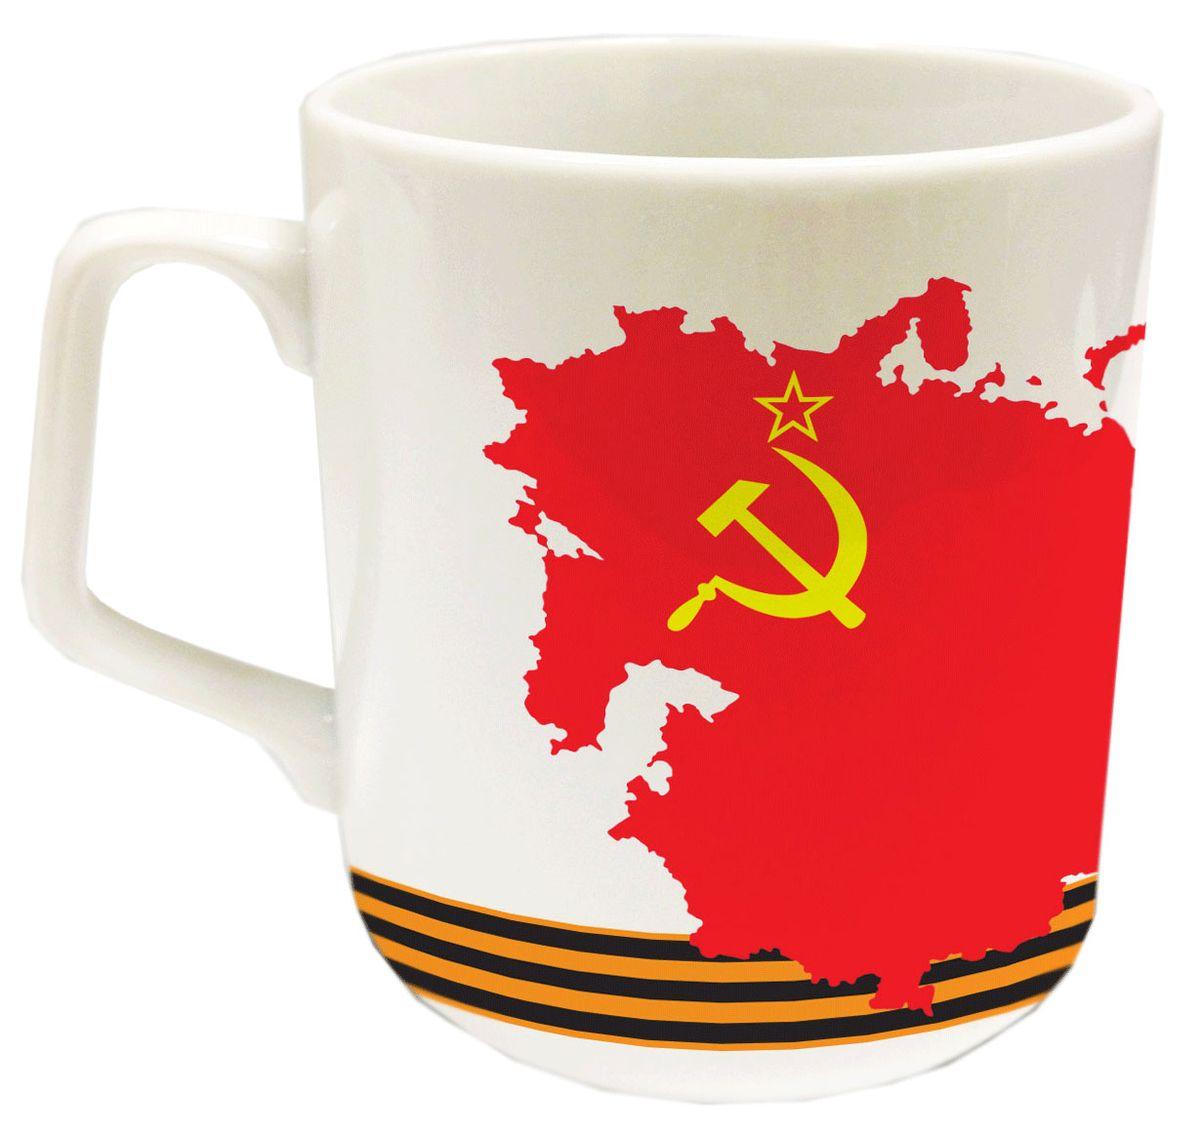 Кружка PrioritY Советская серия. Карта, 350 млКРС-505Кружка PrioritY с изображением символики СССР выполнена из фарфора.Можно использовать в микроволновой печи и посудомоечной машине. Упакована в подарочную упаковку. Объем: 350 мл.